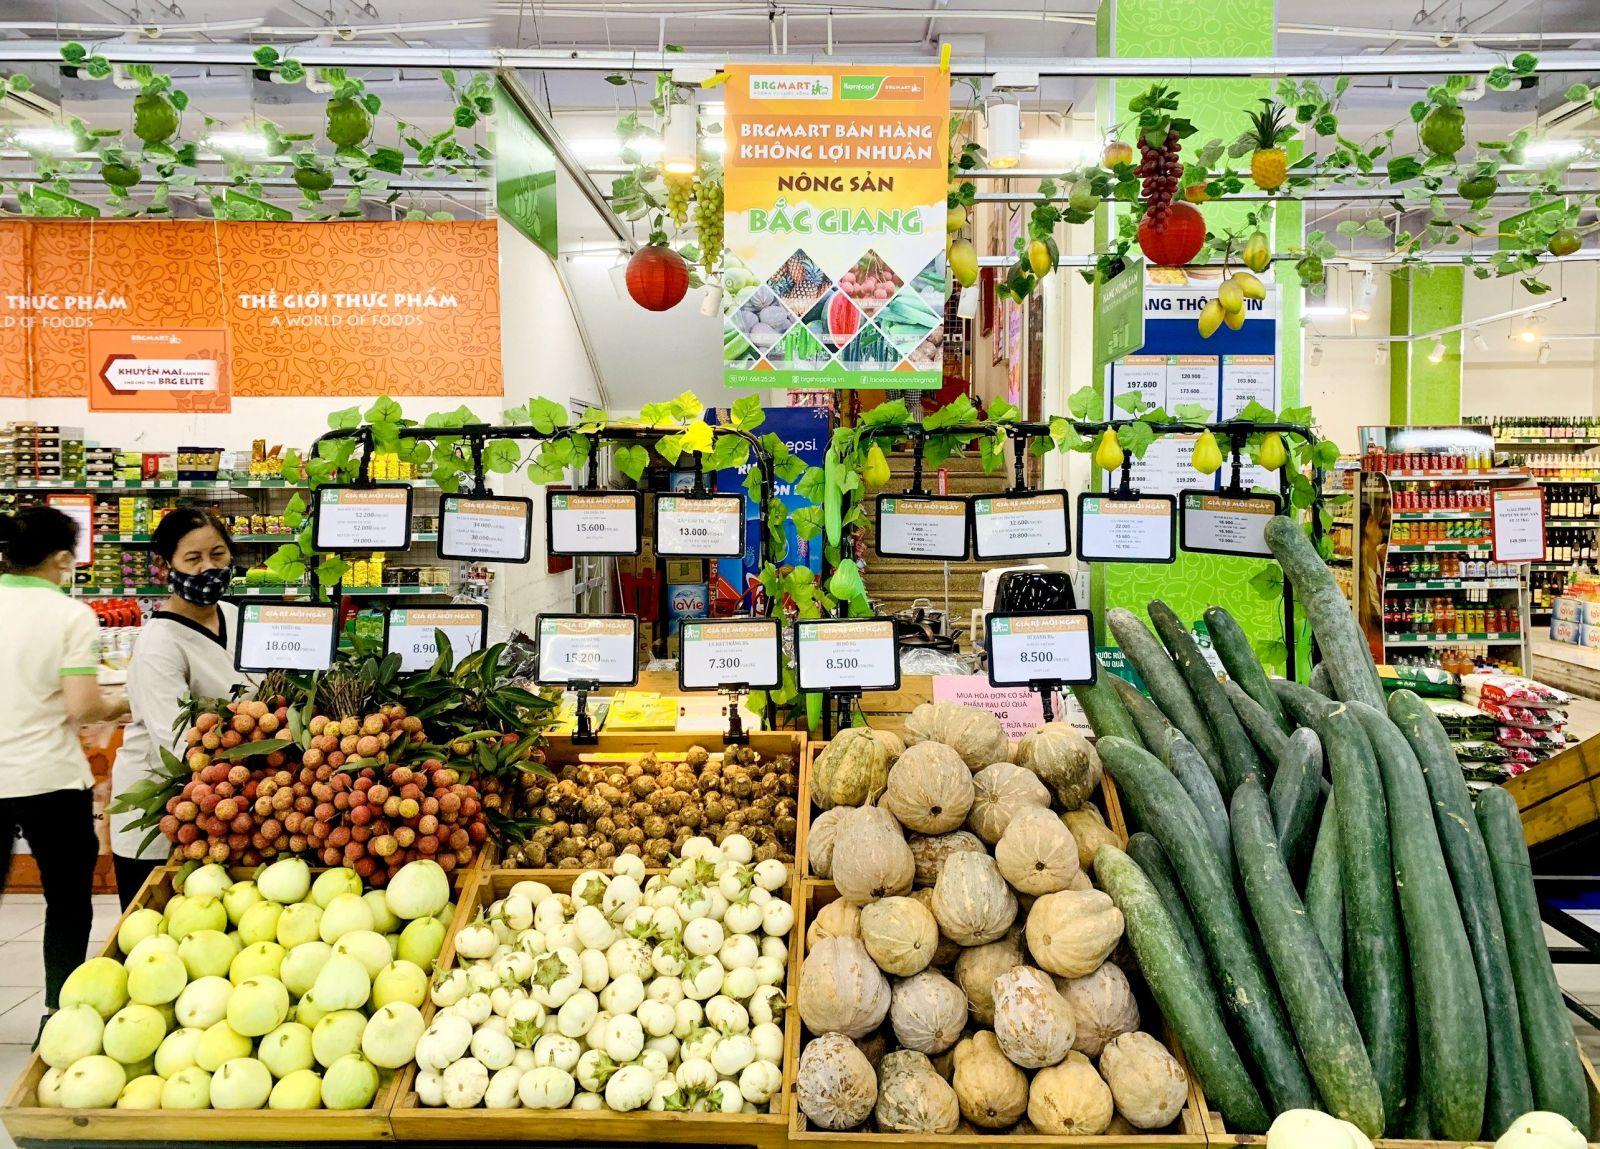 BRGMart bán hàng không lợi nhuận đối với các sản phẩm nông sản của Bắc Giang